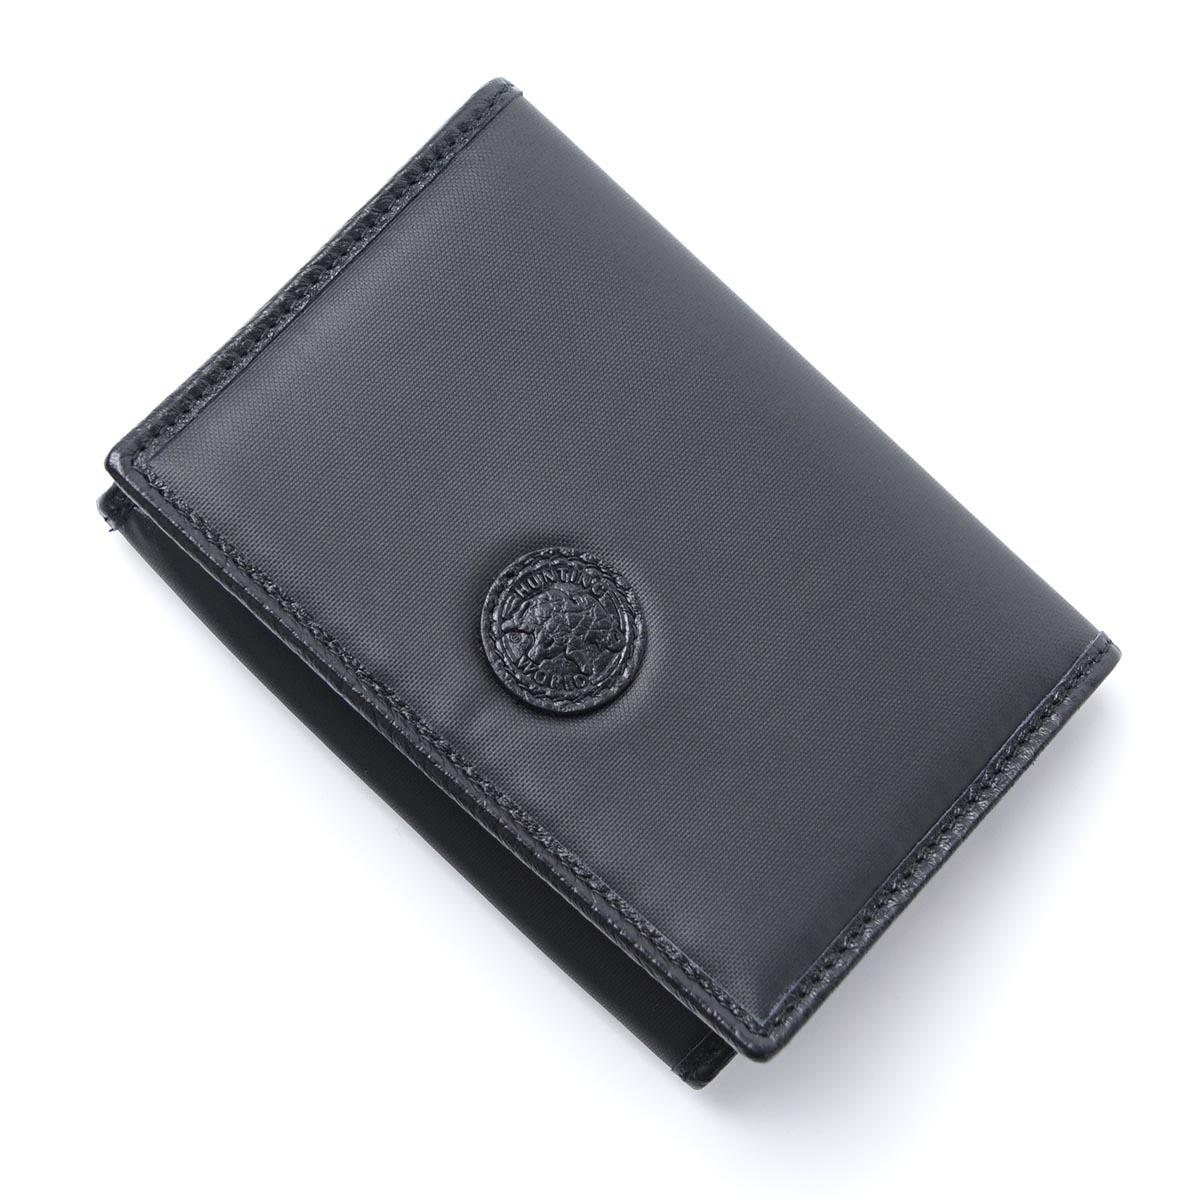 ハンティングワールド HUNTING WORLD カードケース 名刺入れ IDポケット付き ブラック メンズ BATTUE ORIGIN【ラッピング無料】【返品送料無料】【171106】【あす楽対応_関東】